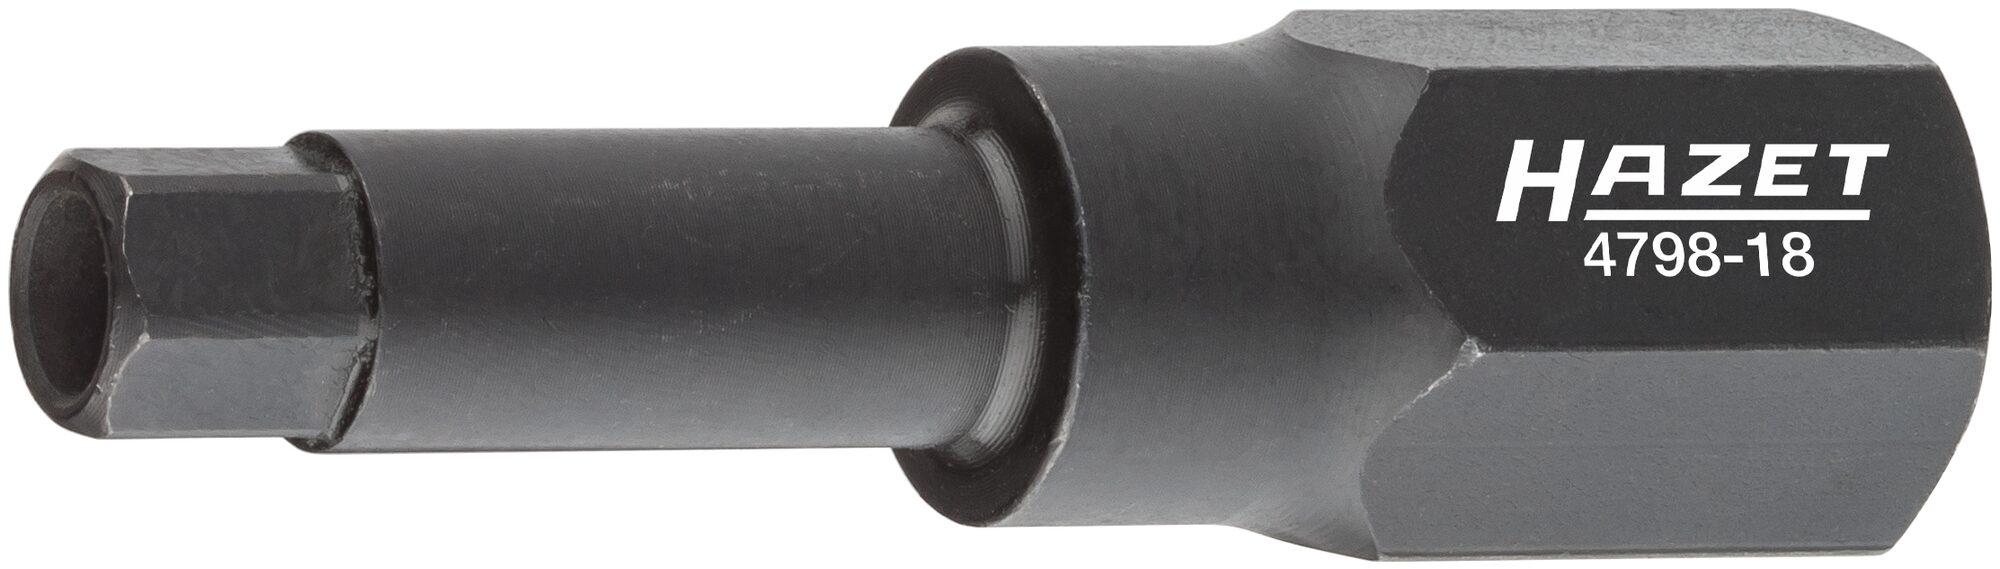 HAZET Spezial Schraubendreher-Steckschlüsseleinsatz für Magnetventil-Verschraubung 4798-18 ∙ Außen-Sechskant 19mm